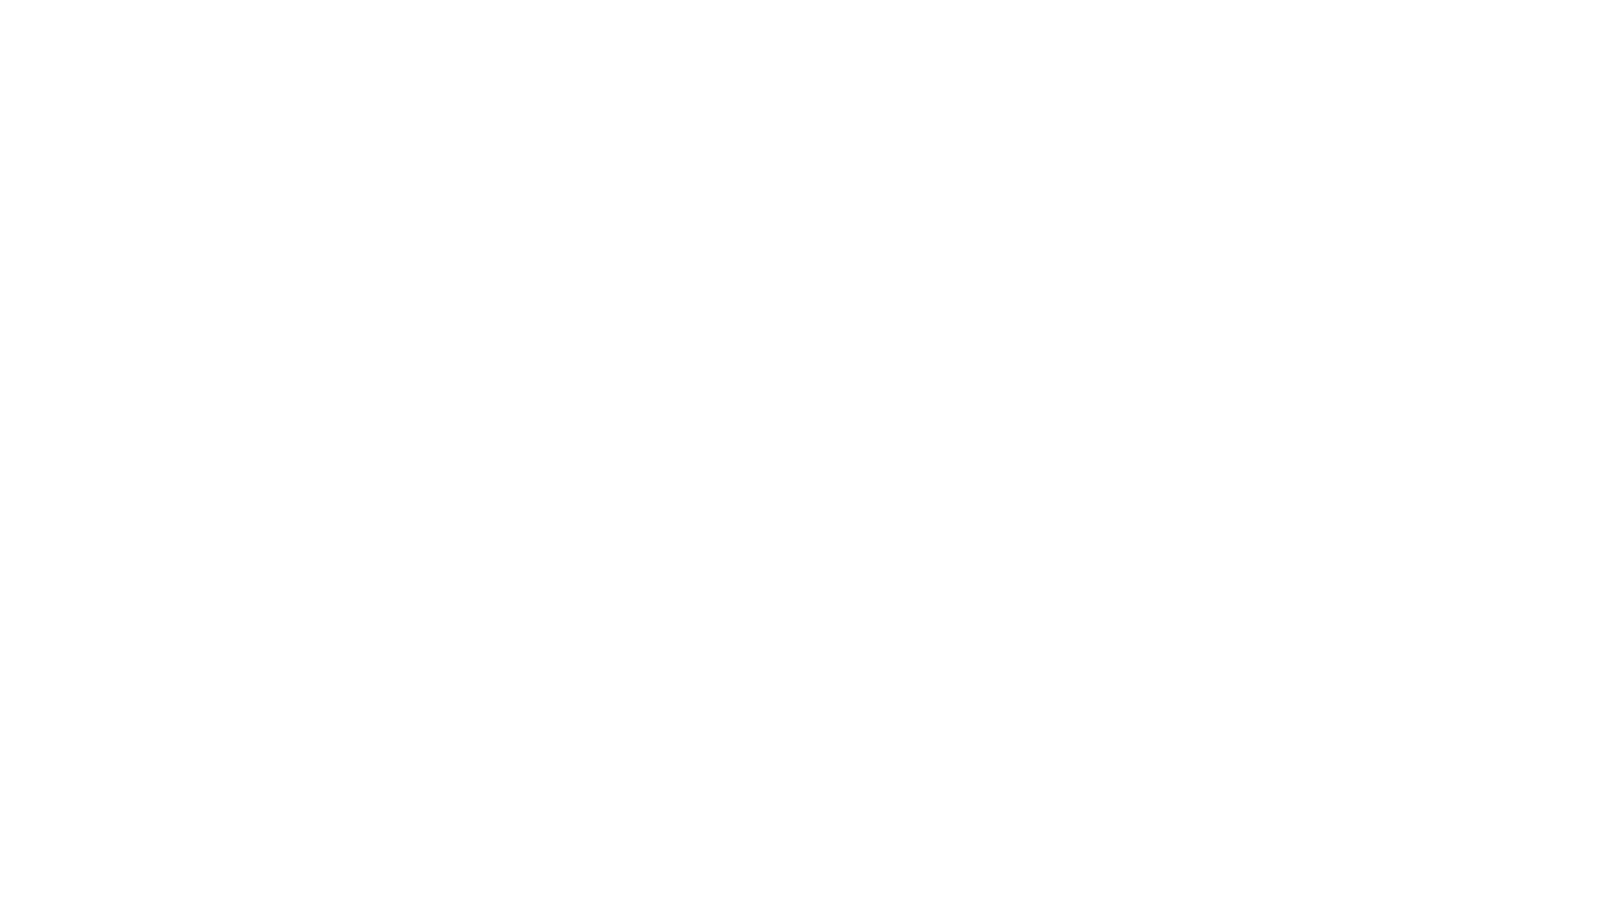 ¡Bienvenidos a una nueva receta! Hoy vamos a preparar una deliciosa tarta de chocolate sin harina. Una receta tradicional de la cocina francesa. En este caso he seguido la receta de Martha Stewart, del libro Cakes.  Este pastel de chocolate queda muy jugoso y tierno ¡La textura es impresionante! Una textura a medio camino entre un bizcocho y un brownie ¡Os va a encantar!  Además al ser una tarta de chocolate sin harina es apta para celiacos o gente con intolerancia o sensibilidad al gluten.  Receta escrita paso a paso:   0:00 INICIO 0:34 INGREDIENTES  0:58 RECETA PASO A PASO 6:42 ¡VAMOS A PROBAR EL PASTEL!  Si te gusta esta TARTA DE CHOCOLATE SIN HARINA de Martha Stewart te invito a que des LIKE, dejes un COMENTARIO y , si aun no lo has hecho ¡SUSCRÍBETE! Así me ayudarás a seguir creando contenido ¡Muchas gracias!  ¡¡Ah! Te recuerdo que tengo un blog con muchas más recetas: www.juanansempere.com   Y además también me podéis seguir en redes sociales: INSTAGRAM: https://www.instagram.com/juanansempere/ PINTEREST: https://www.pinterest.es/JuananSempere TWITTER: https://twitter.com/juanan_sempere  ¡Un abrazo!  Juanan Sempere #cinnamonrolls #recetafacil #cocinacasera